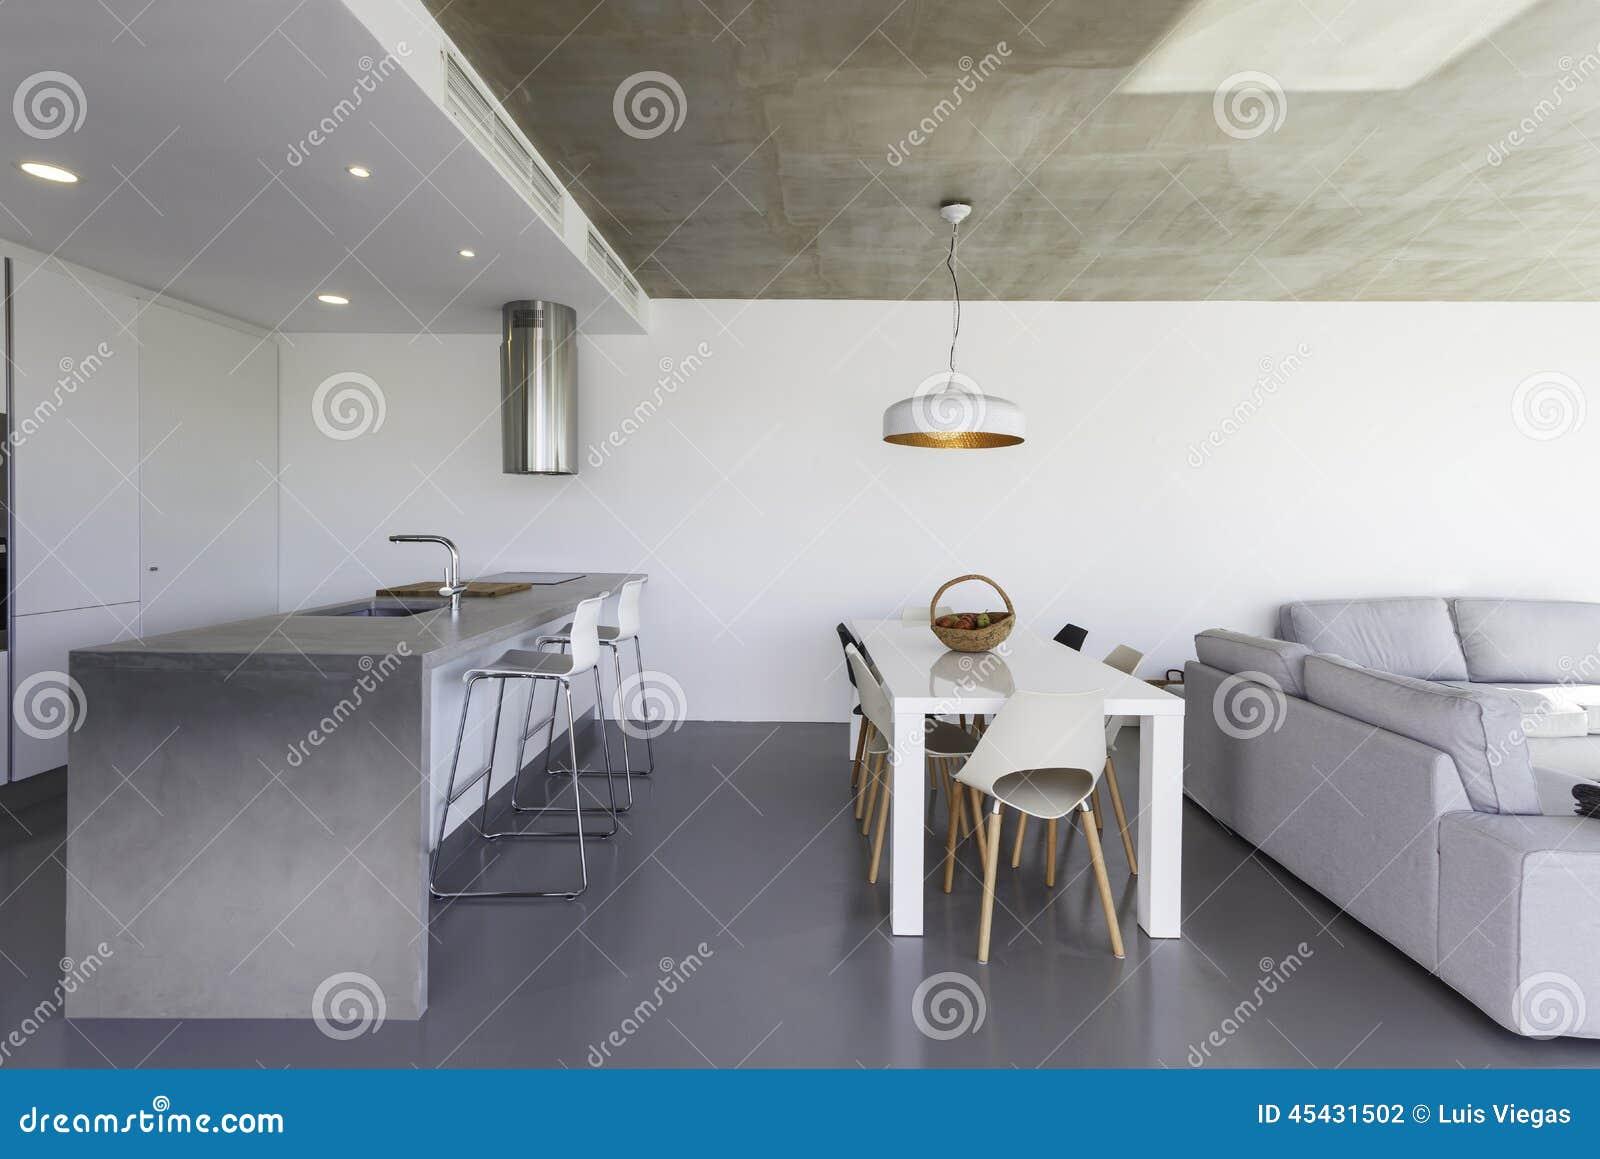 Moderne Küche Mit Grauem Boden Und Weißer Wand Stockfoto - Bild von ...